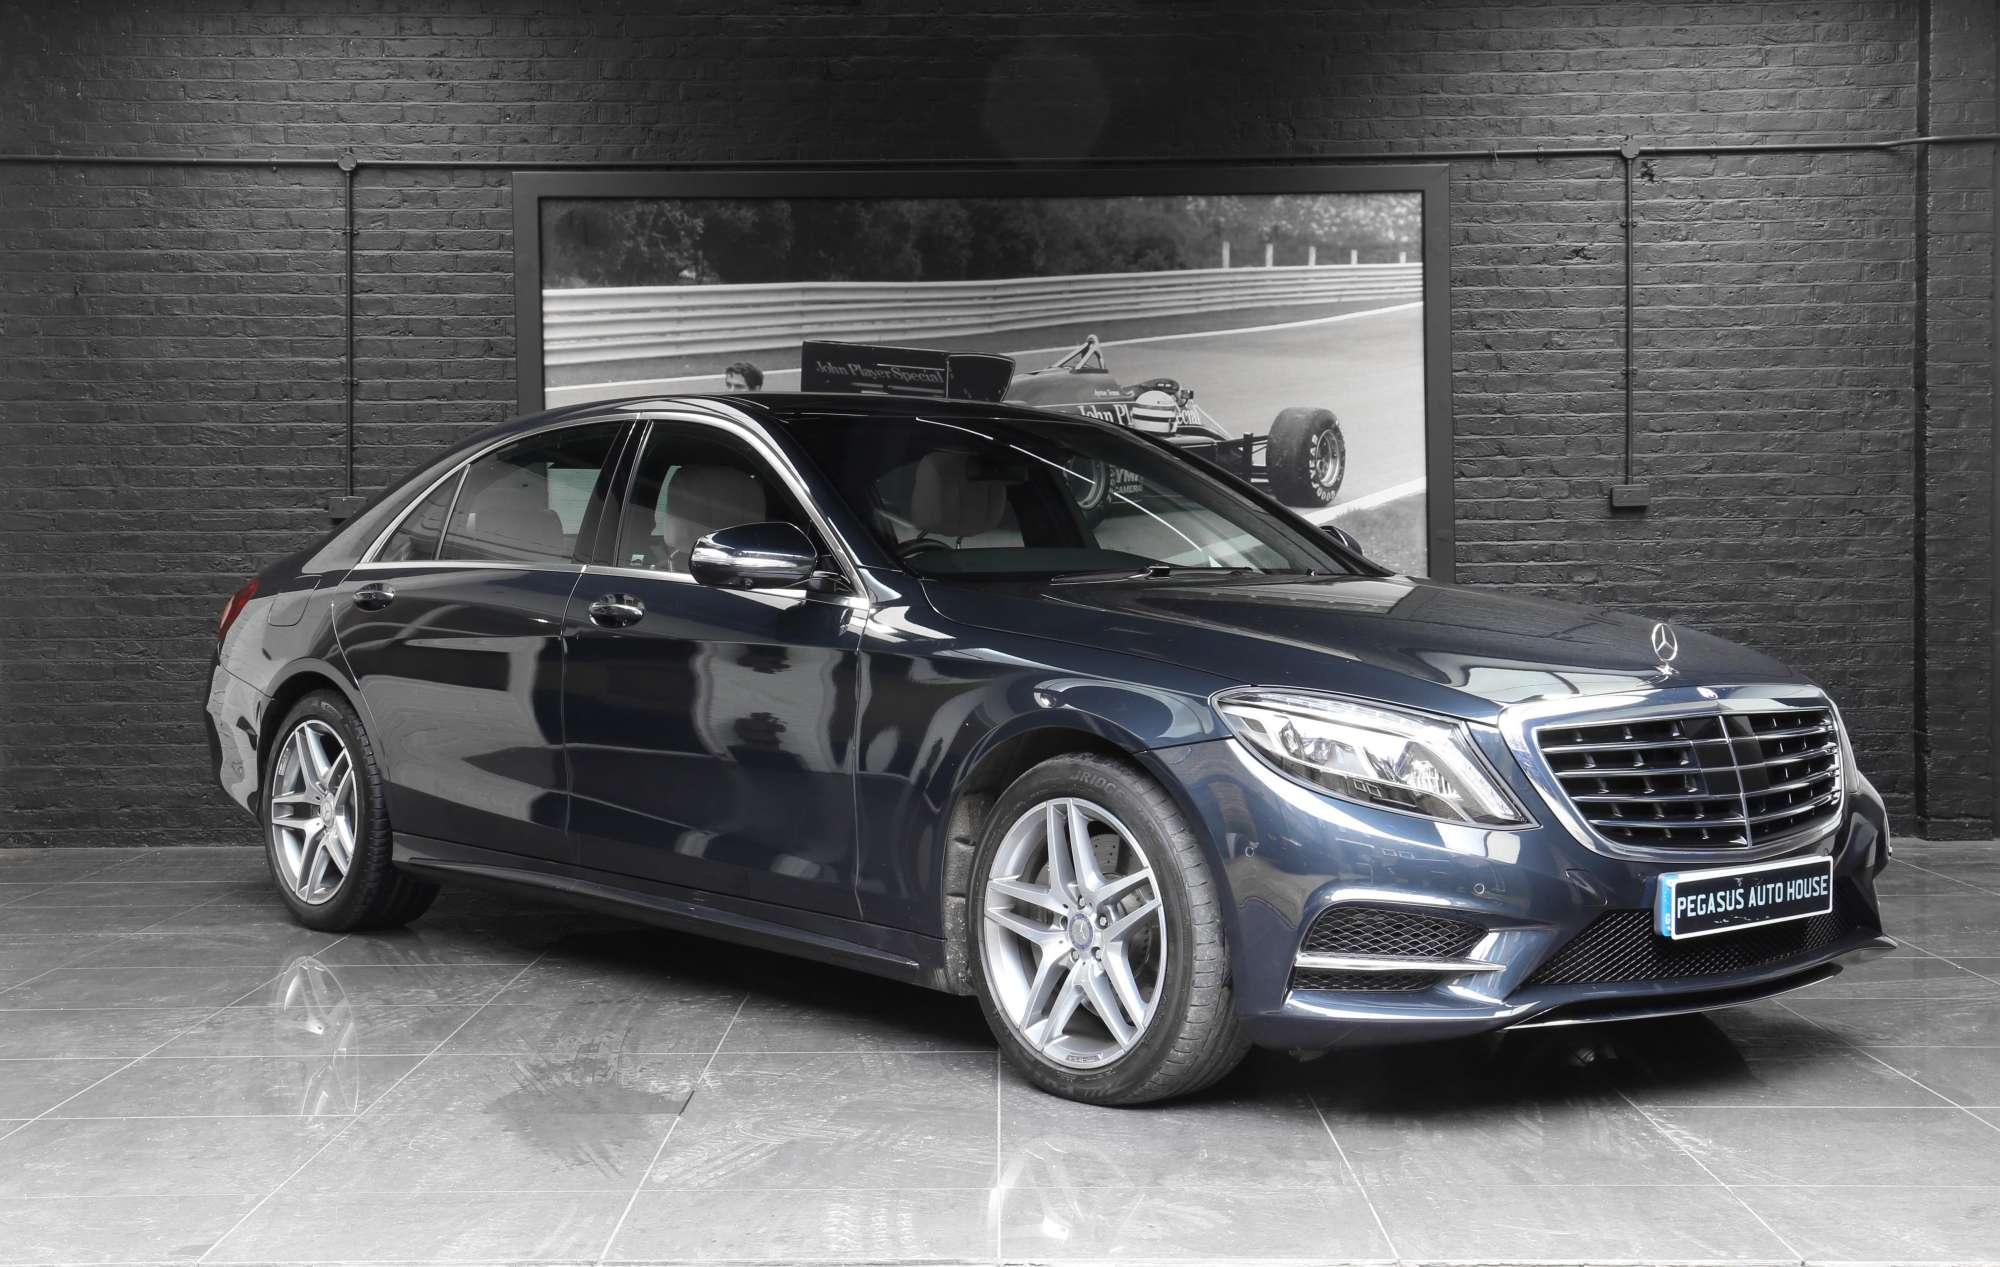 Mercedes Benz Parking Pass